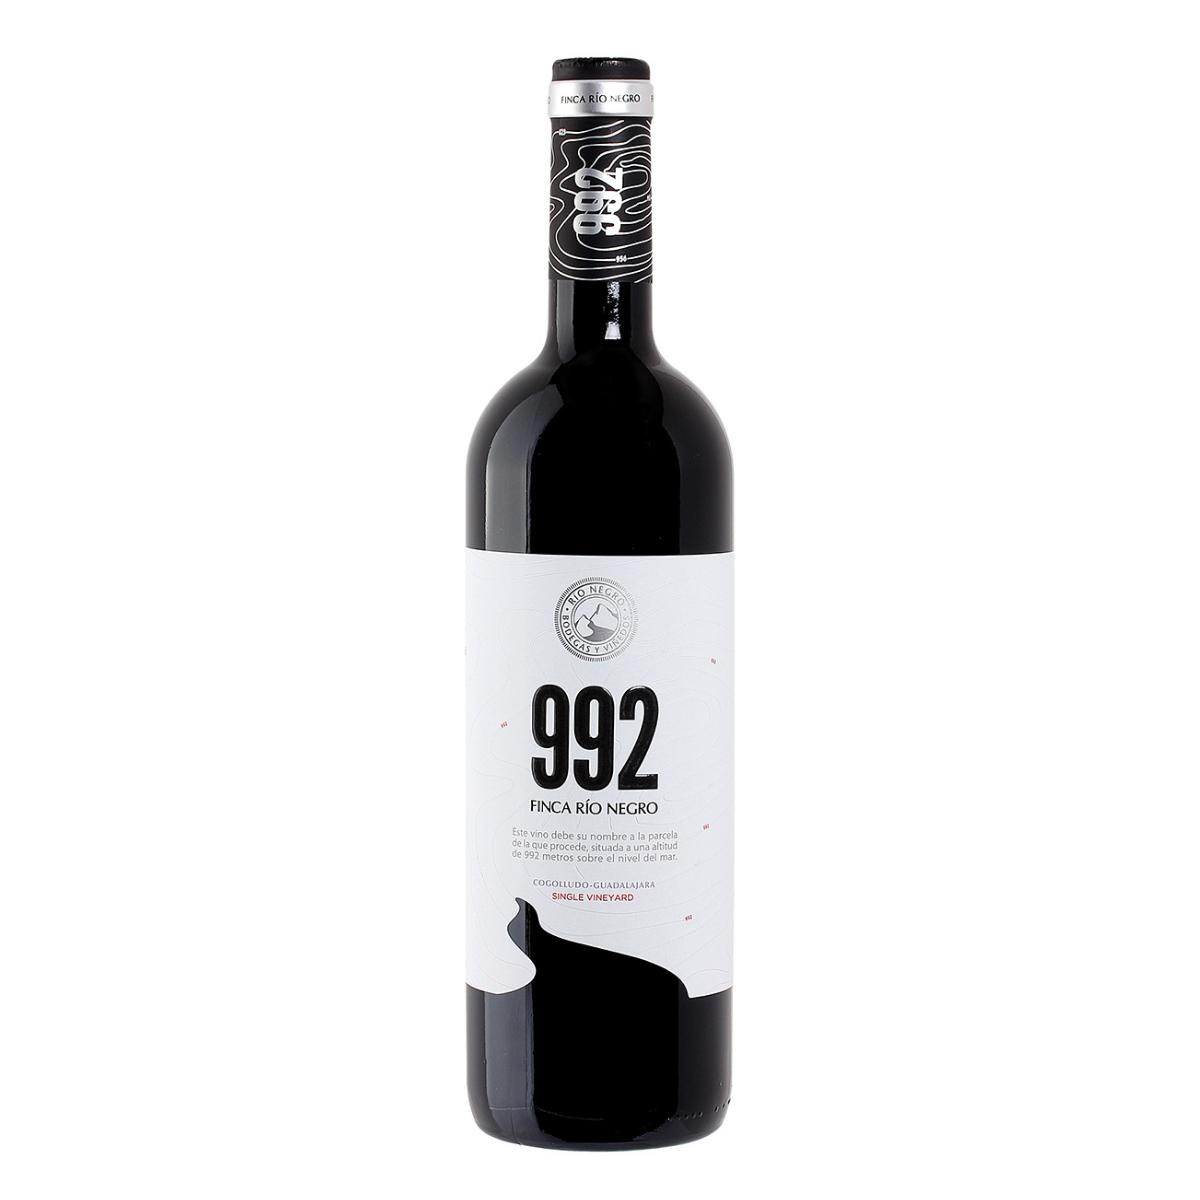 Finca Río Negro 992